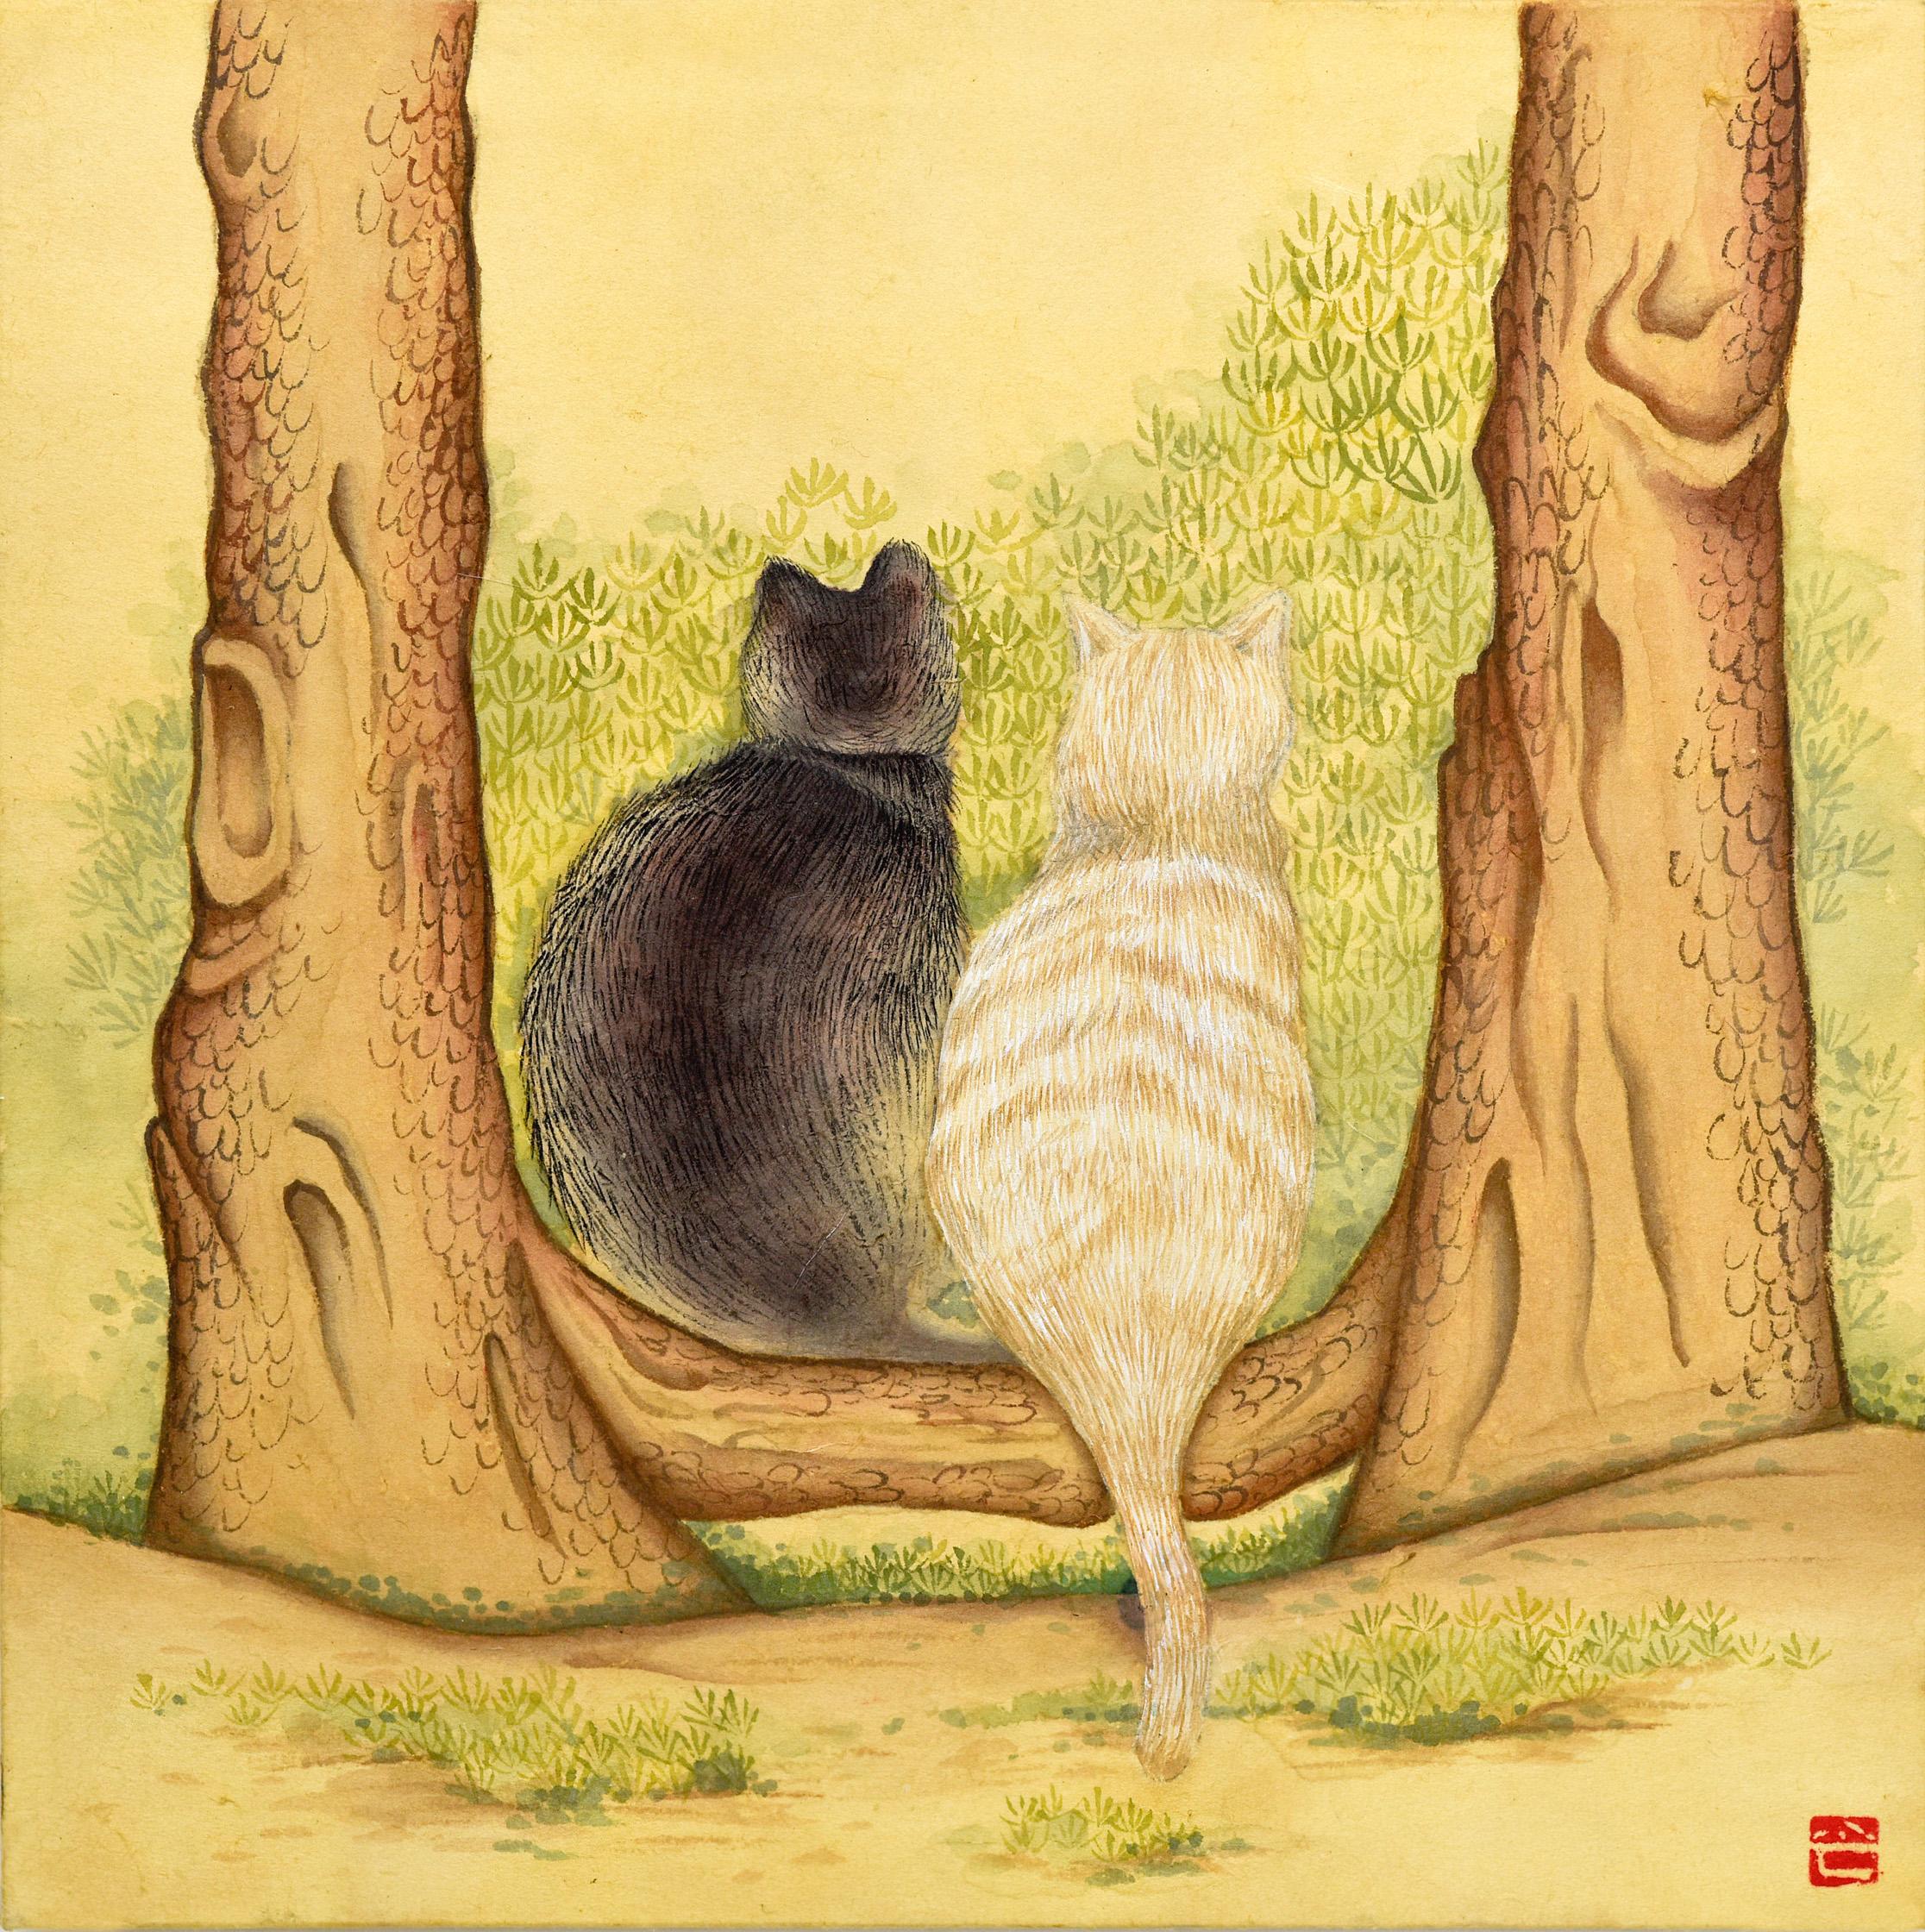 부부 삼나무처럼 살기 - 치유의 숲